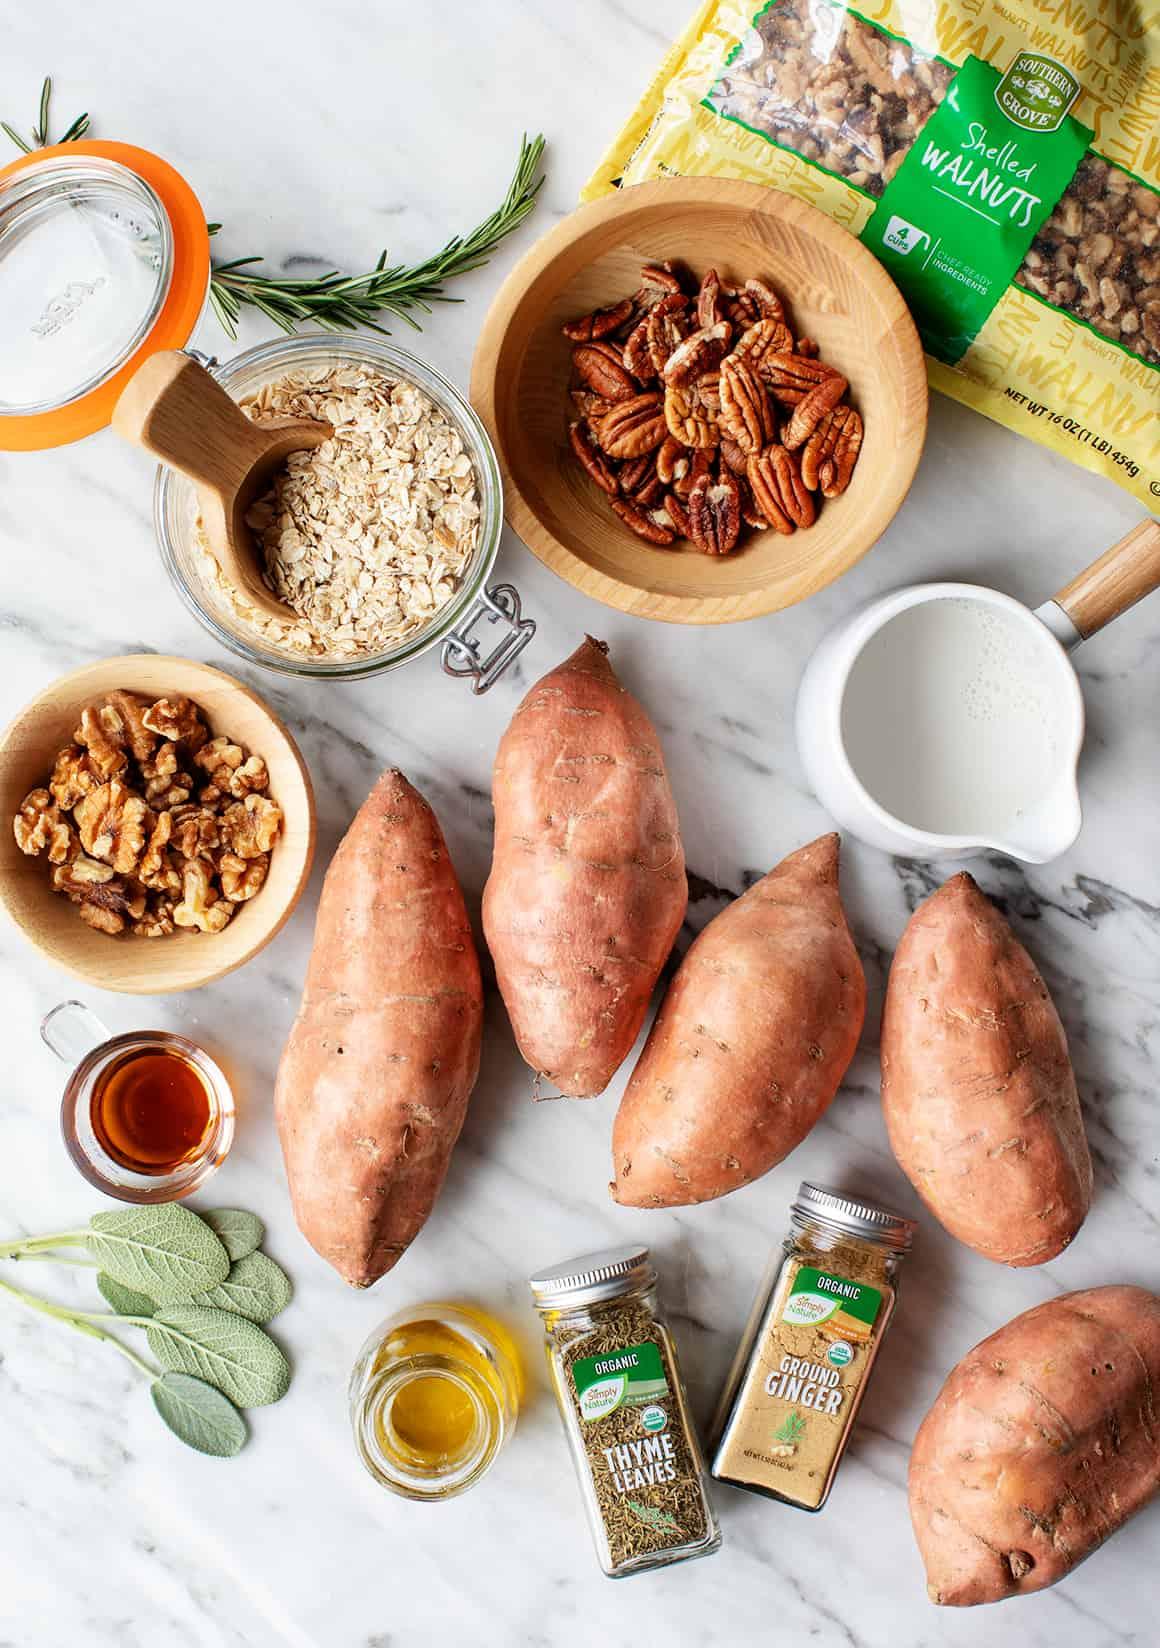 Healthy sweet potato casserole recipe ingredients